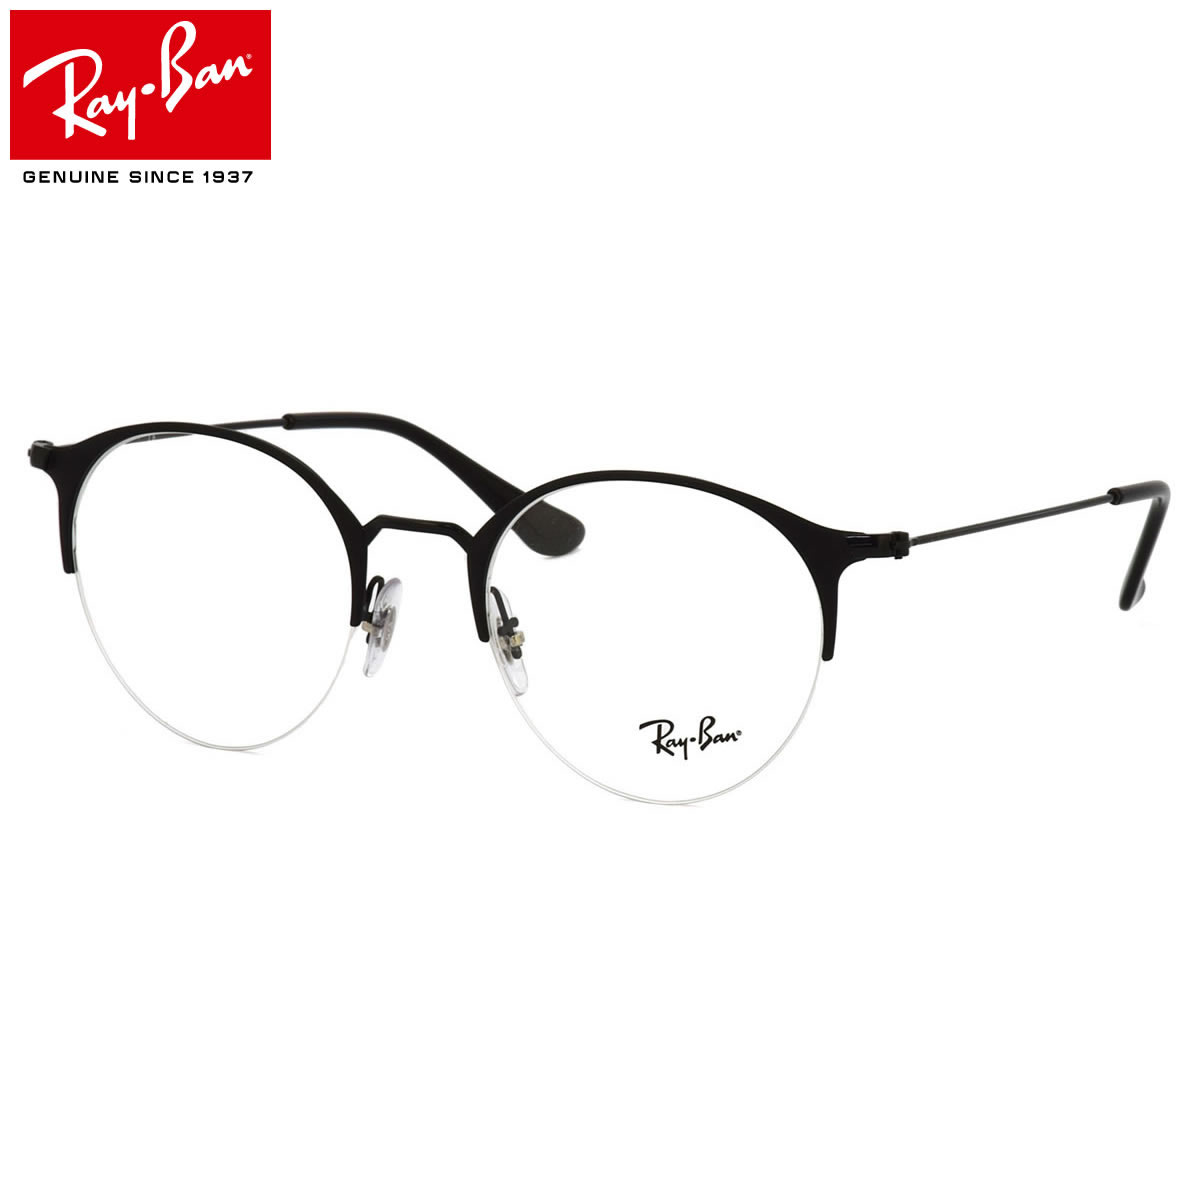 Ray-Ban レイバン メガネRX3578V 2904 50サイズHIGHSTREET ハイストリート ボストン ブロー ナイロール ハーフリム フラット 丸メガネ 軽量レイバン RayBan メンズ レディース